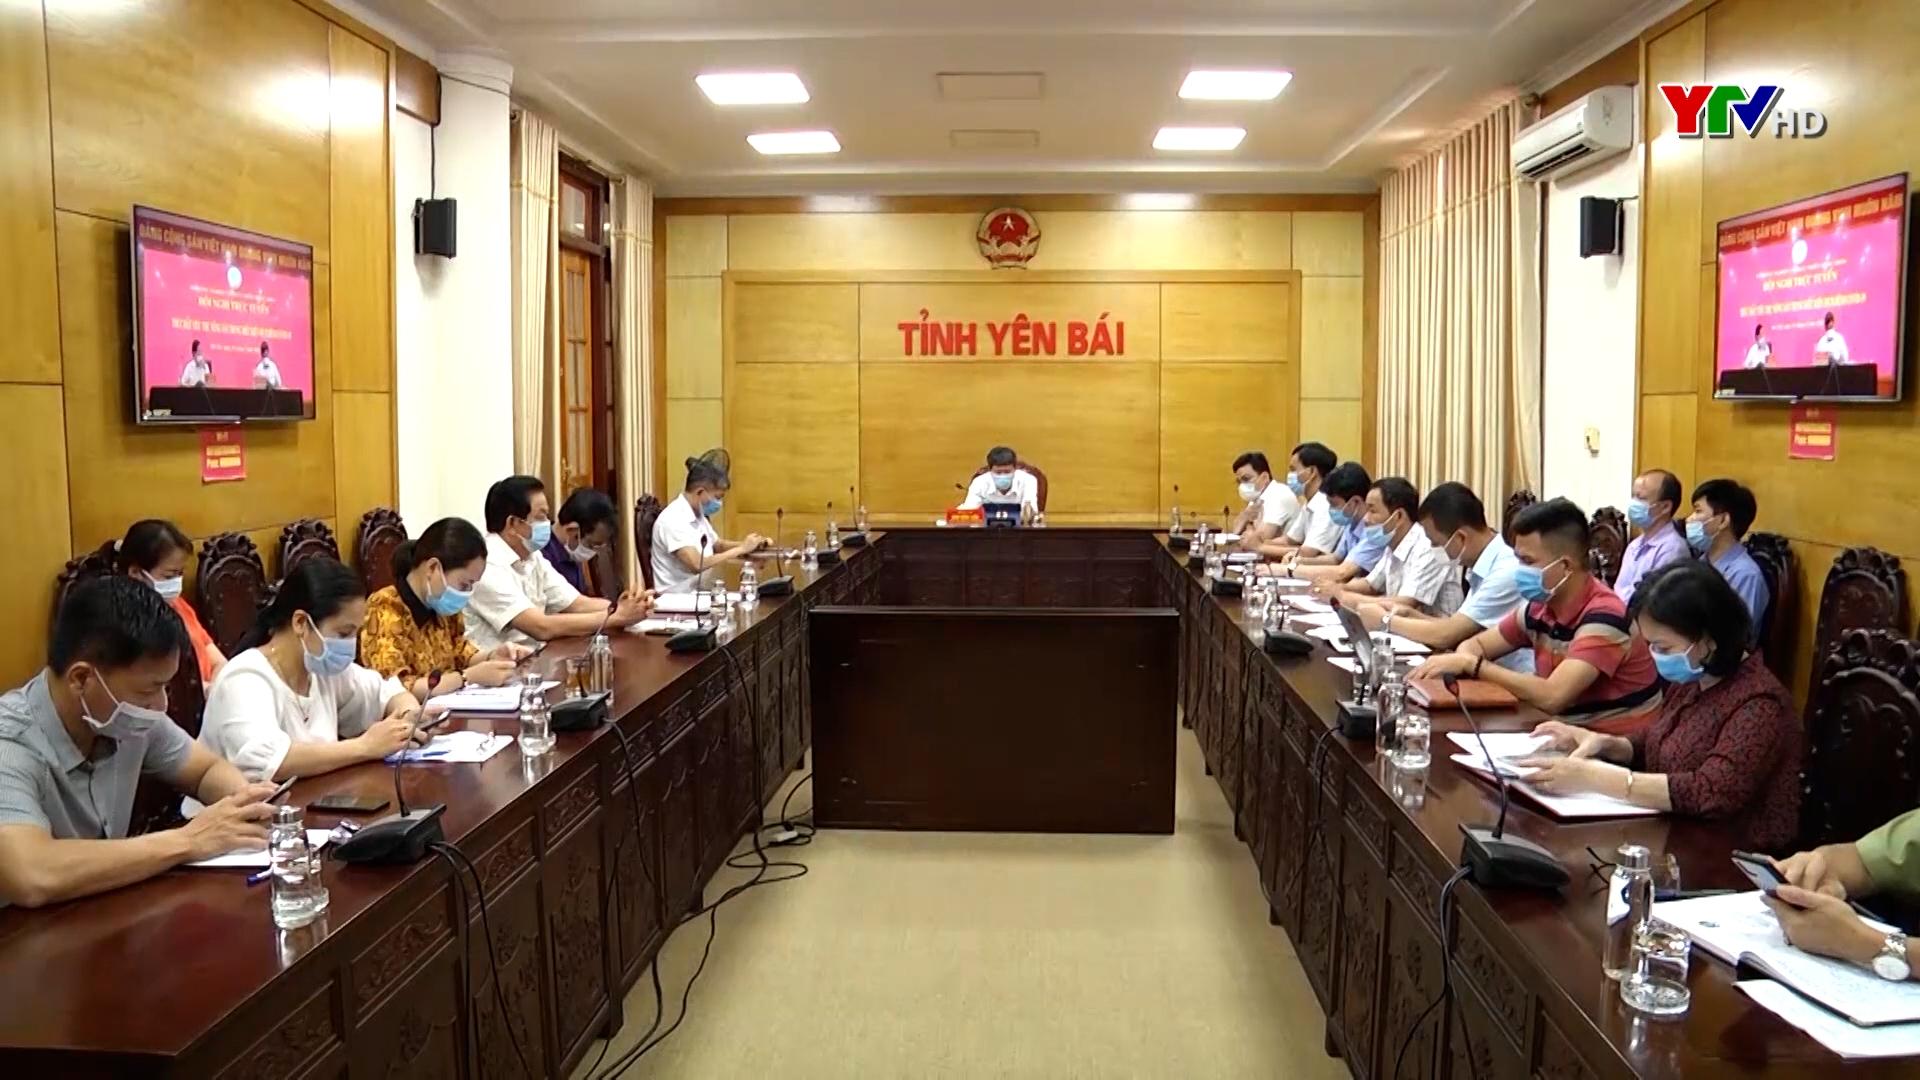 Tỉnh Yên Bái dự Hội nghị trực tuyến thúc đẩy tiêu thụ nông sản trong điều kiện dịch COVID-19